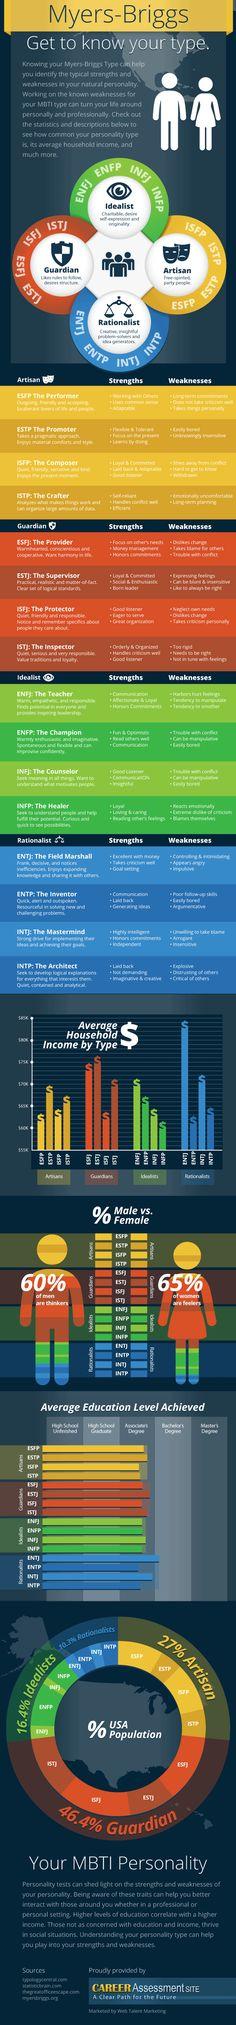 MBTI Socioeconomic Infographic from CareerAssessmentSite.com